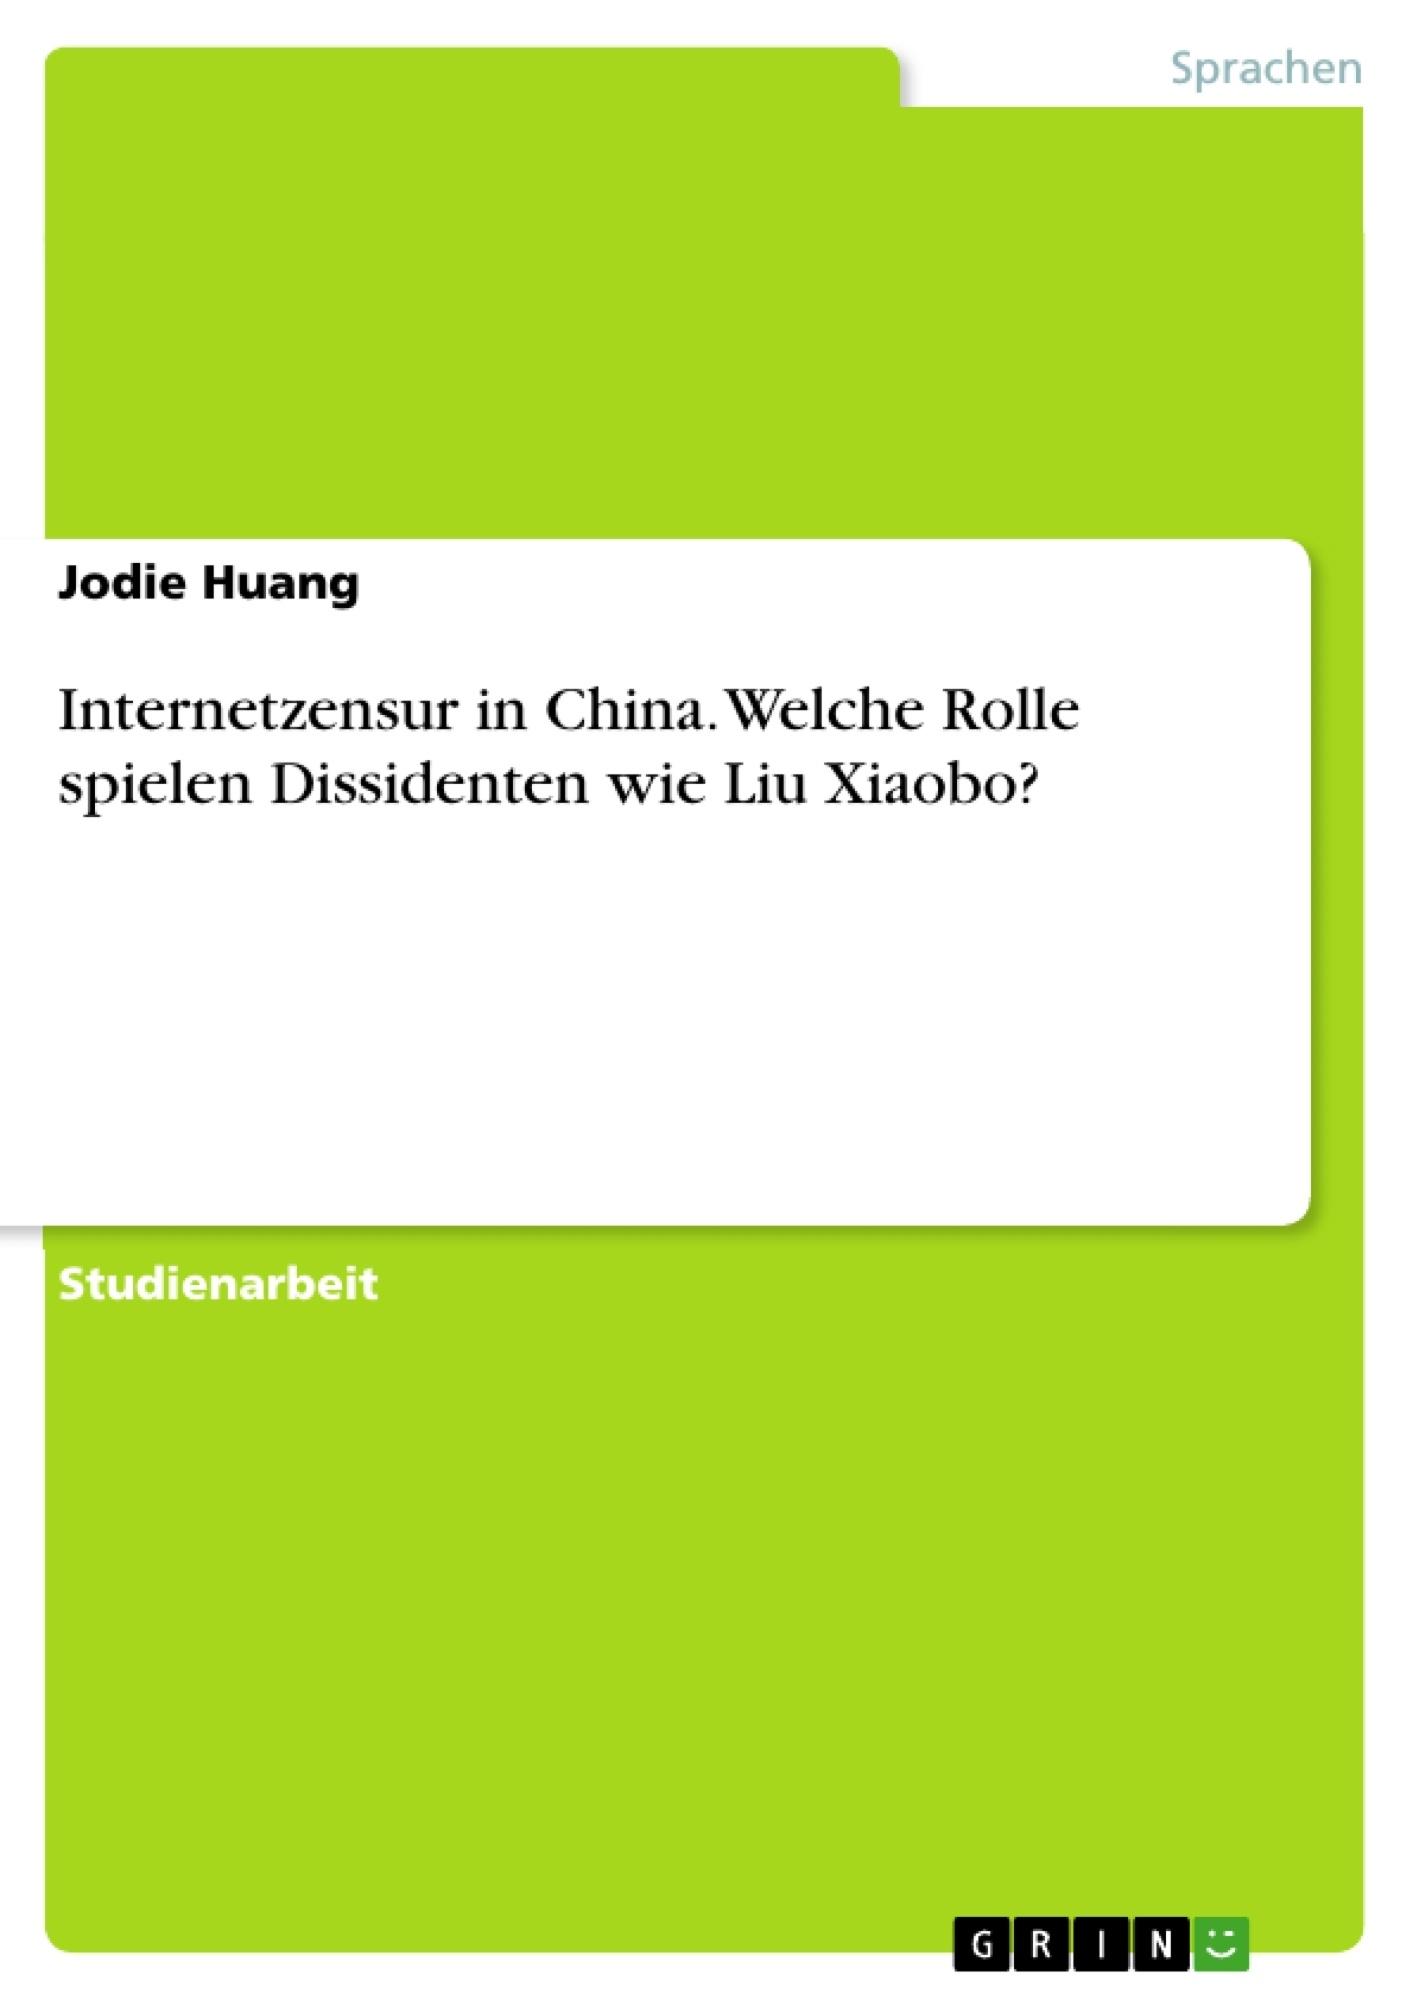 Titel: Internetzensur in China. Welche Rolle spielen Dissidenten wie Liu Xiaobo?